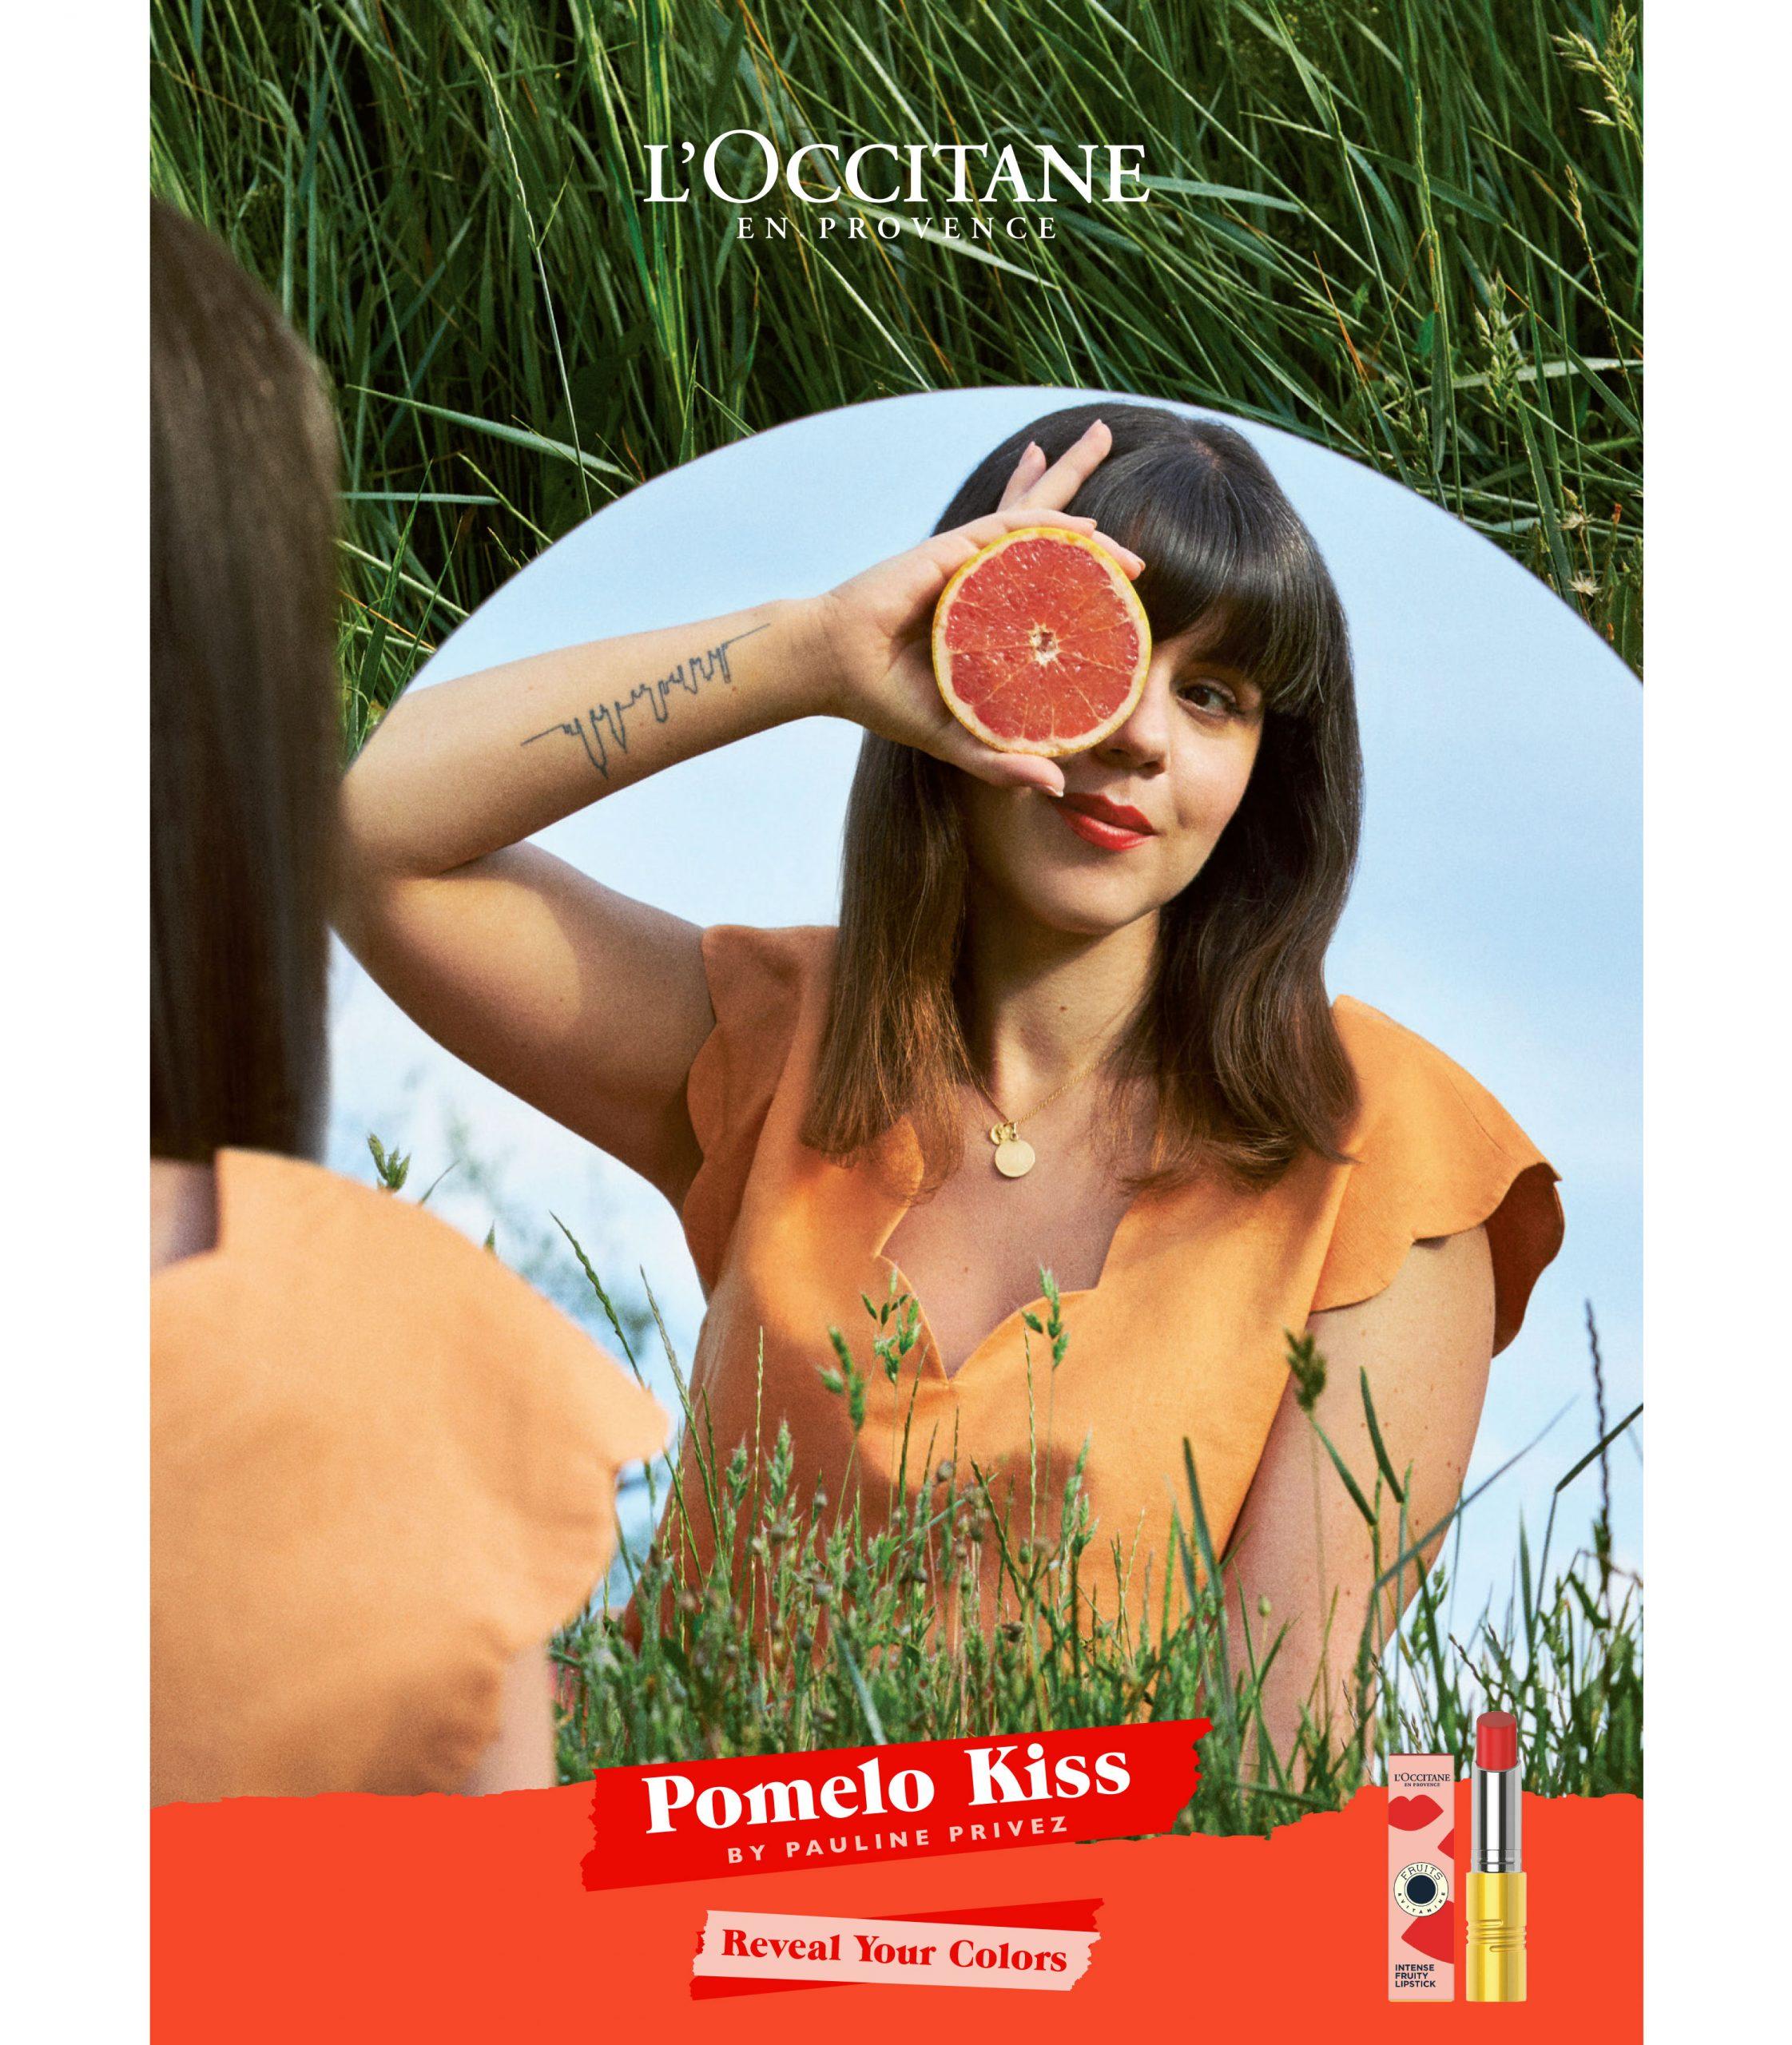 L'Occitane reveal your colors pomelo kiss pauline privez